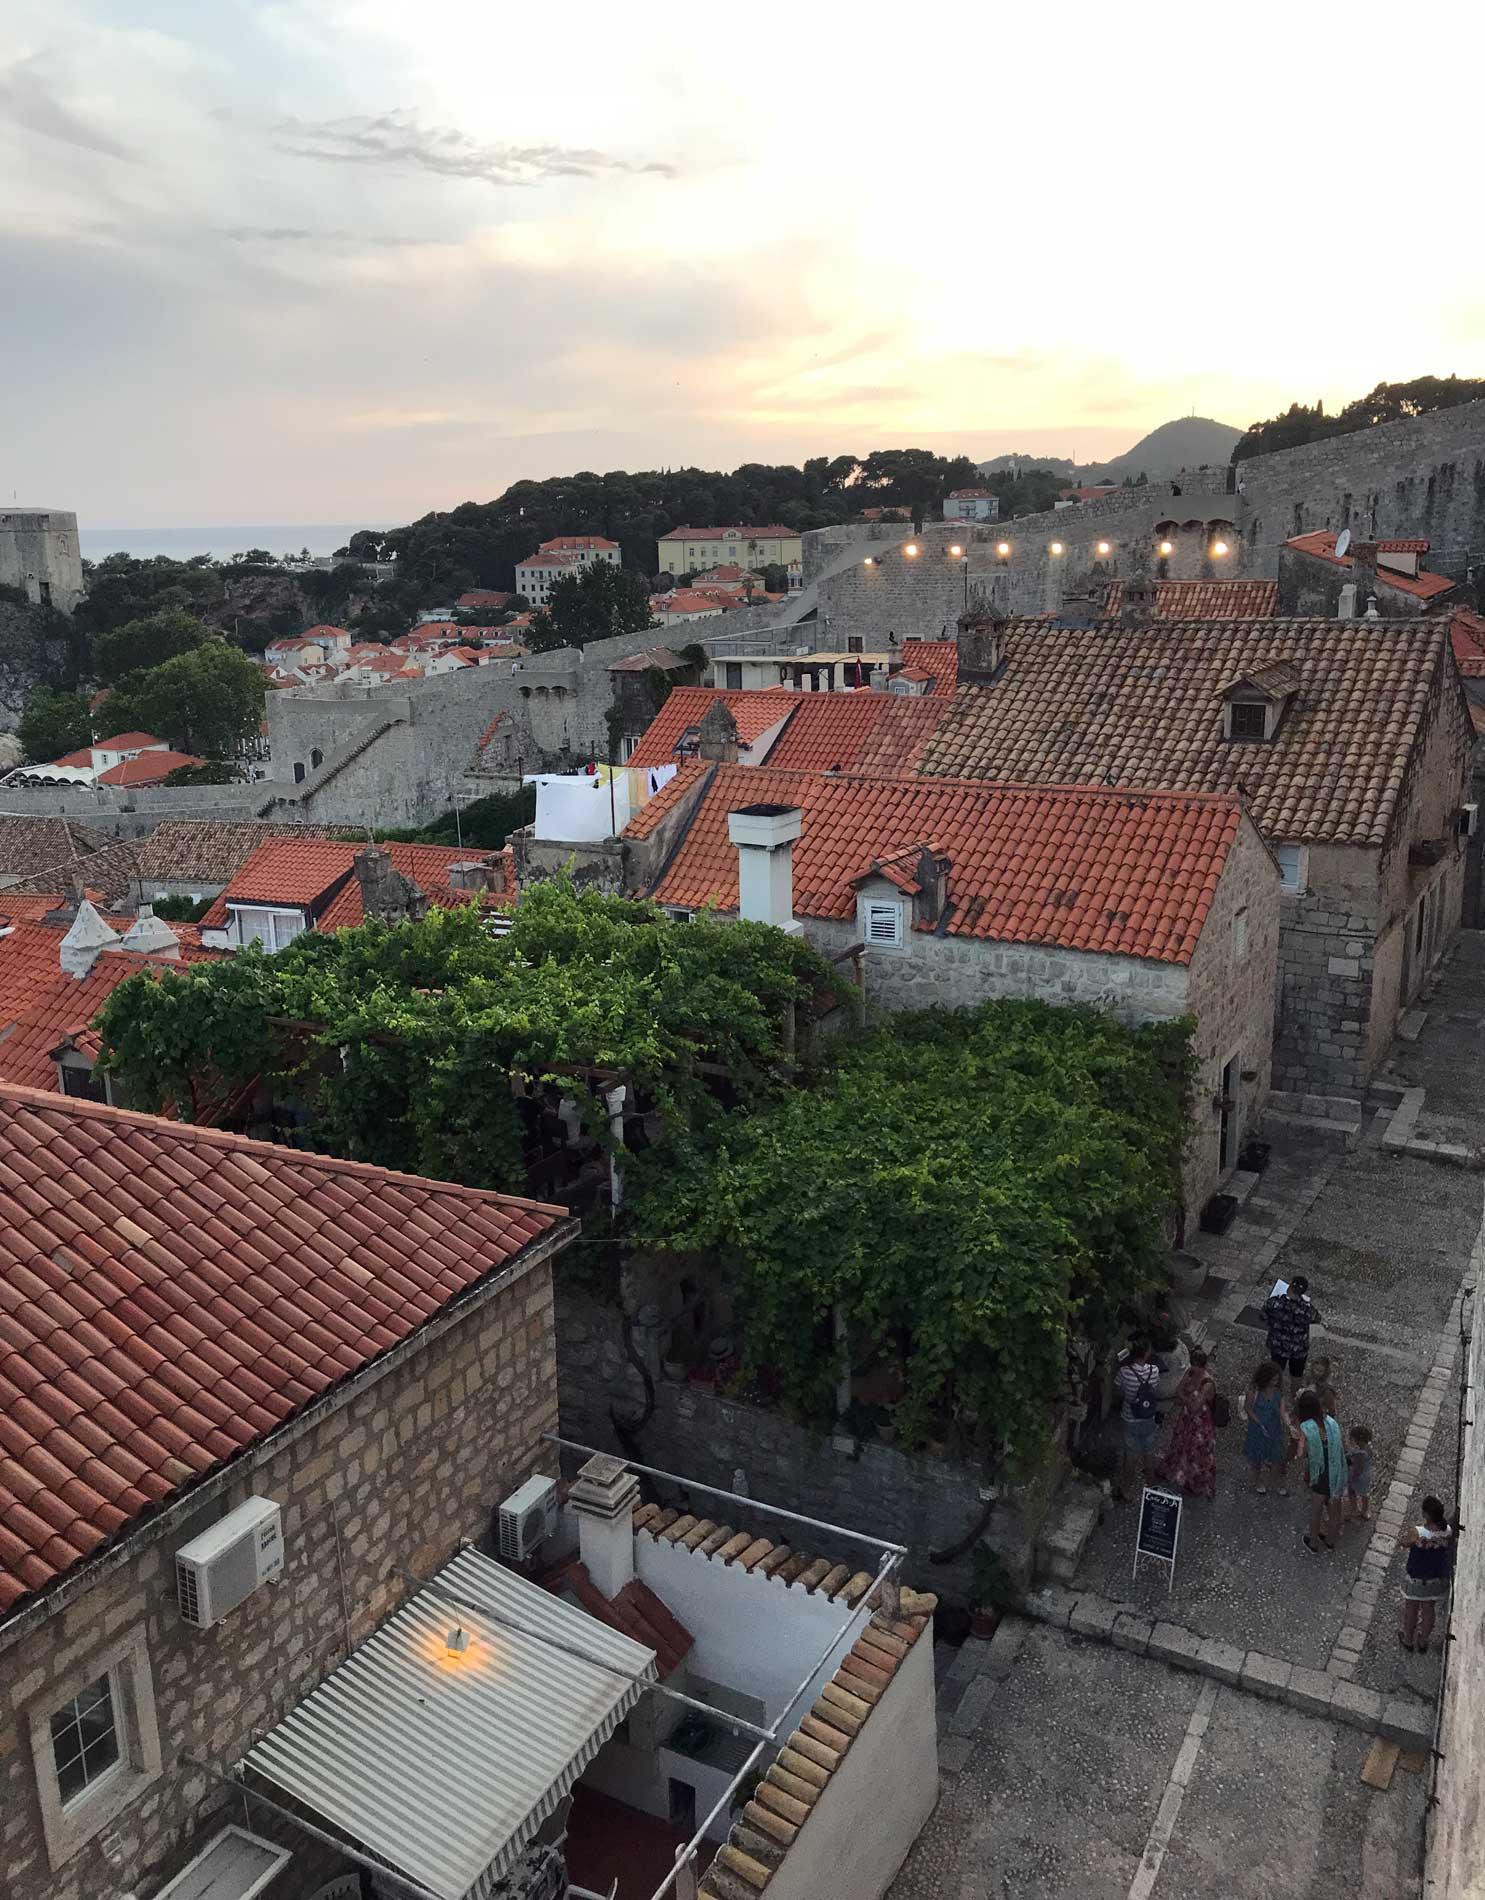 Dubrovnik-Croazia-vista-dalle-mura-case-tetti-rossi-strada